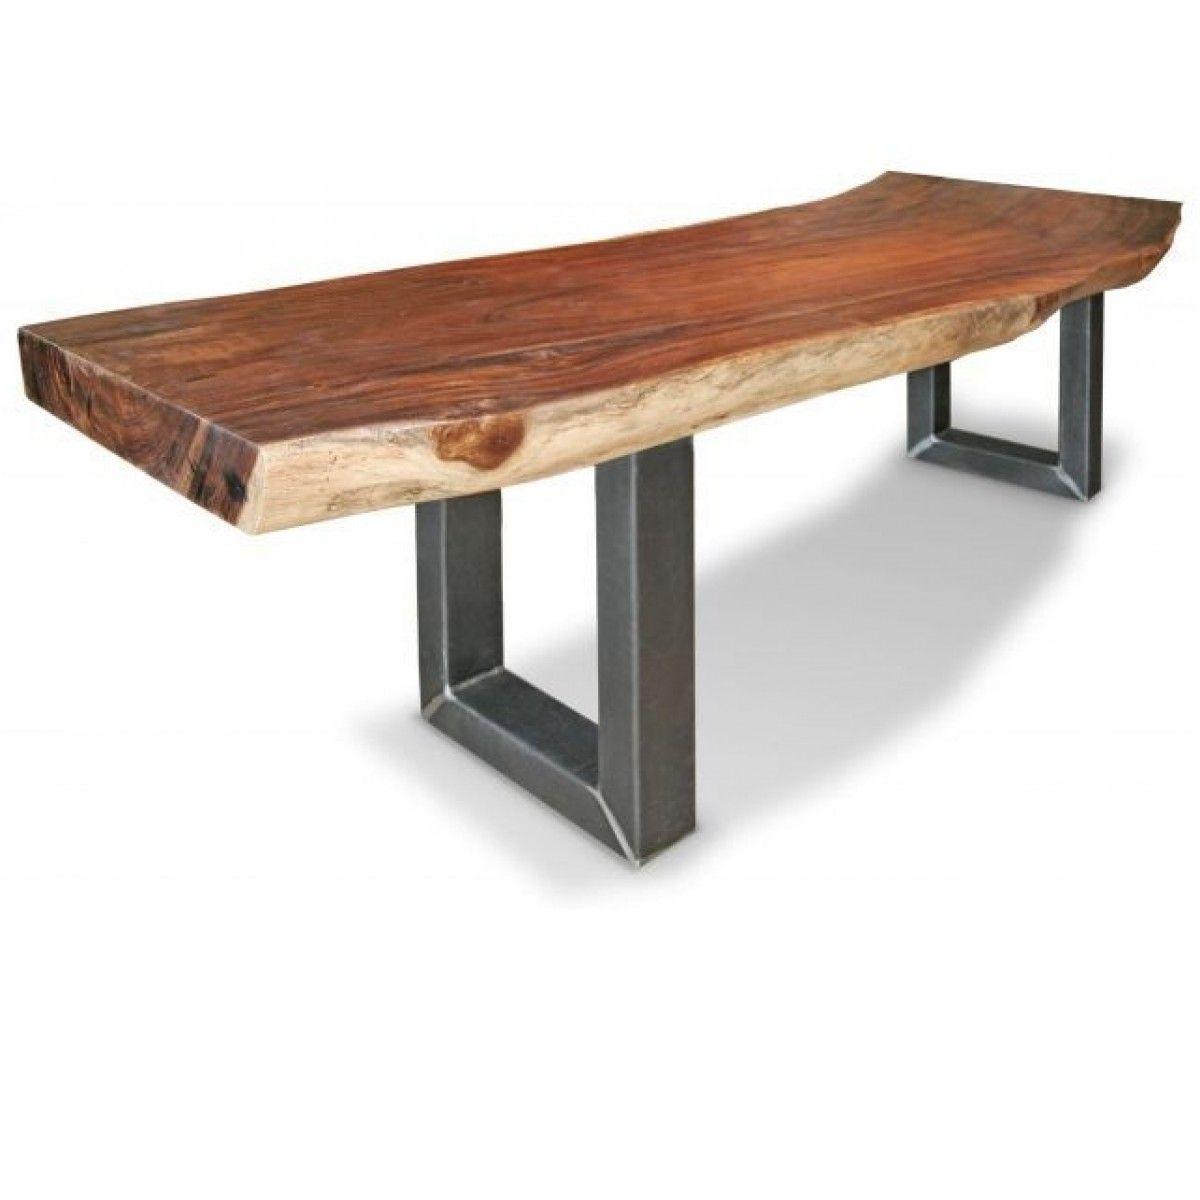 Suar boomstamtafel metalen poot | Miltonhouse Voordelig meubelshoppen